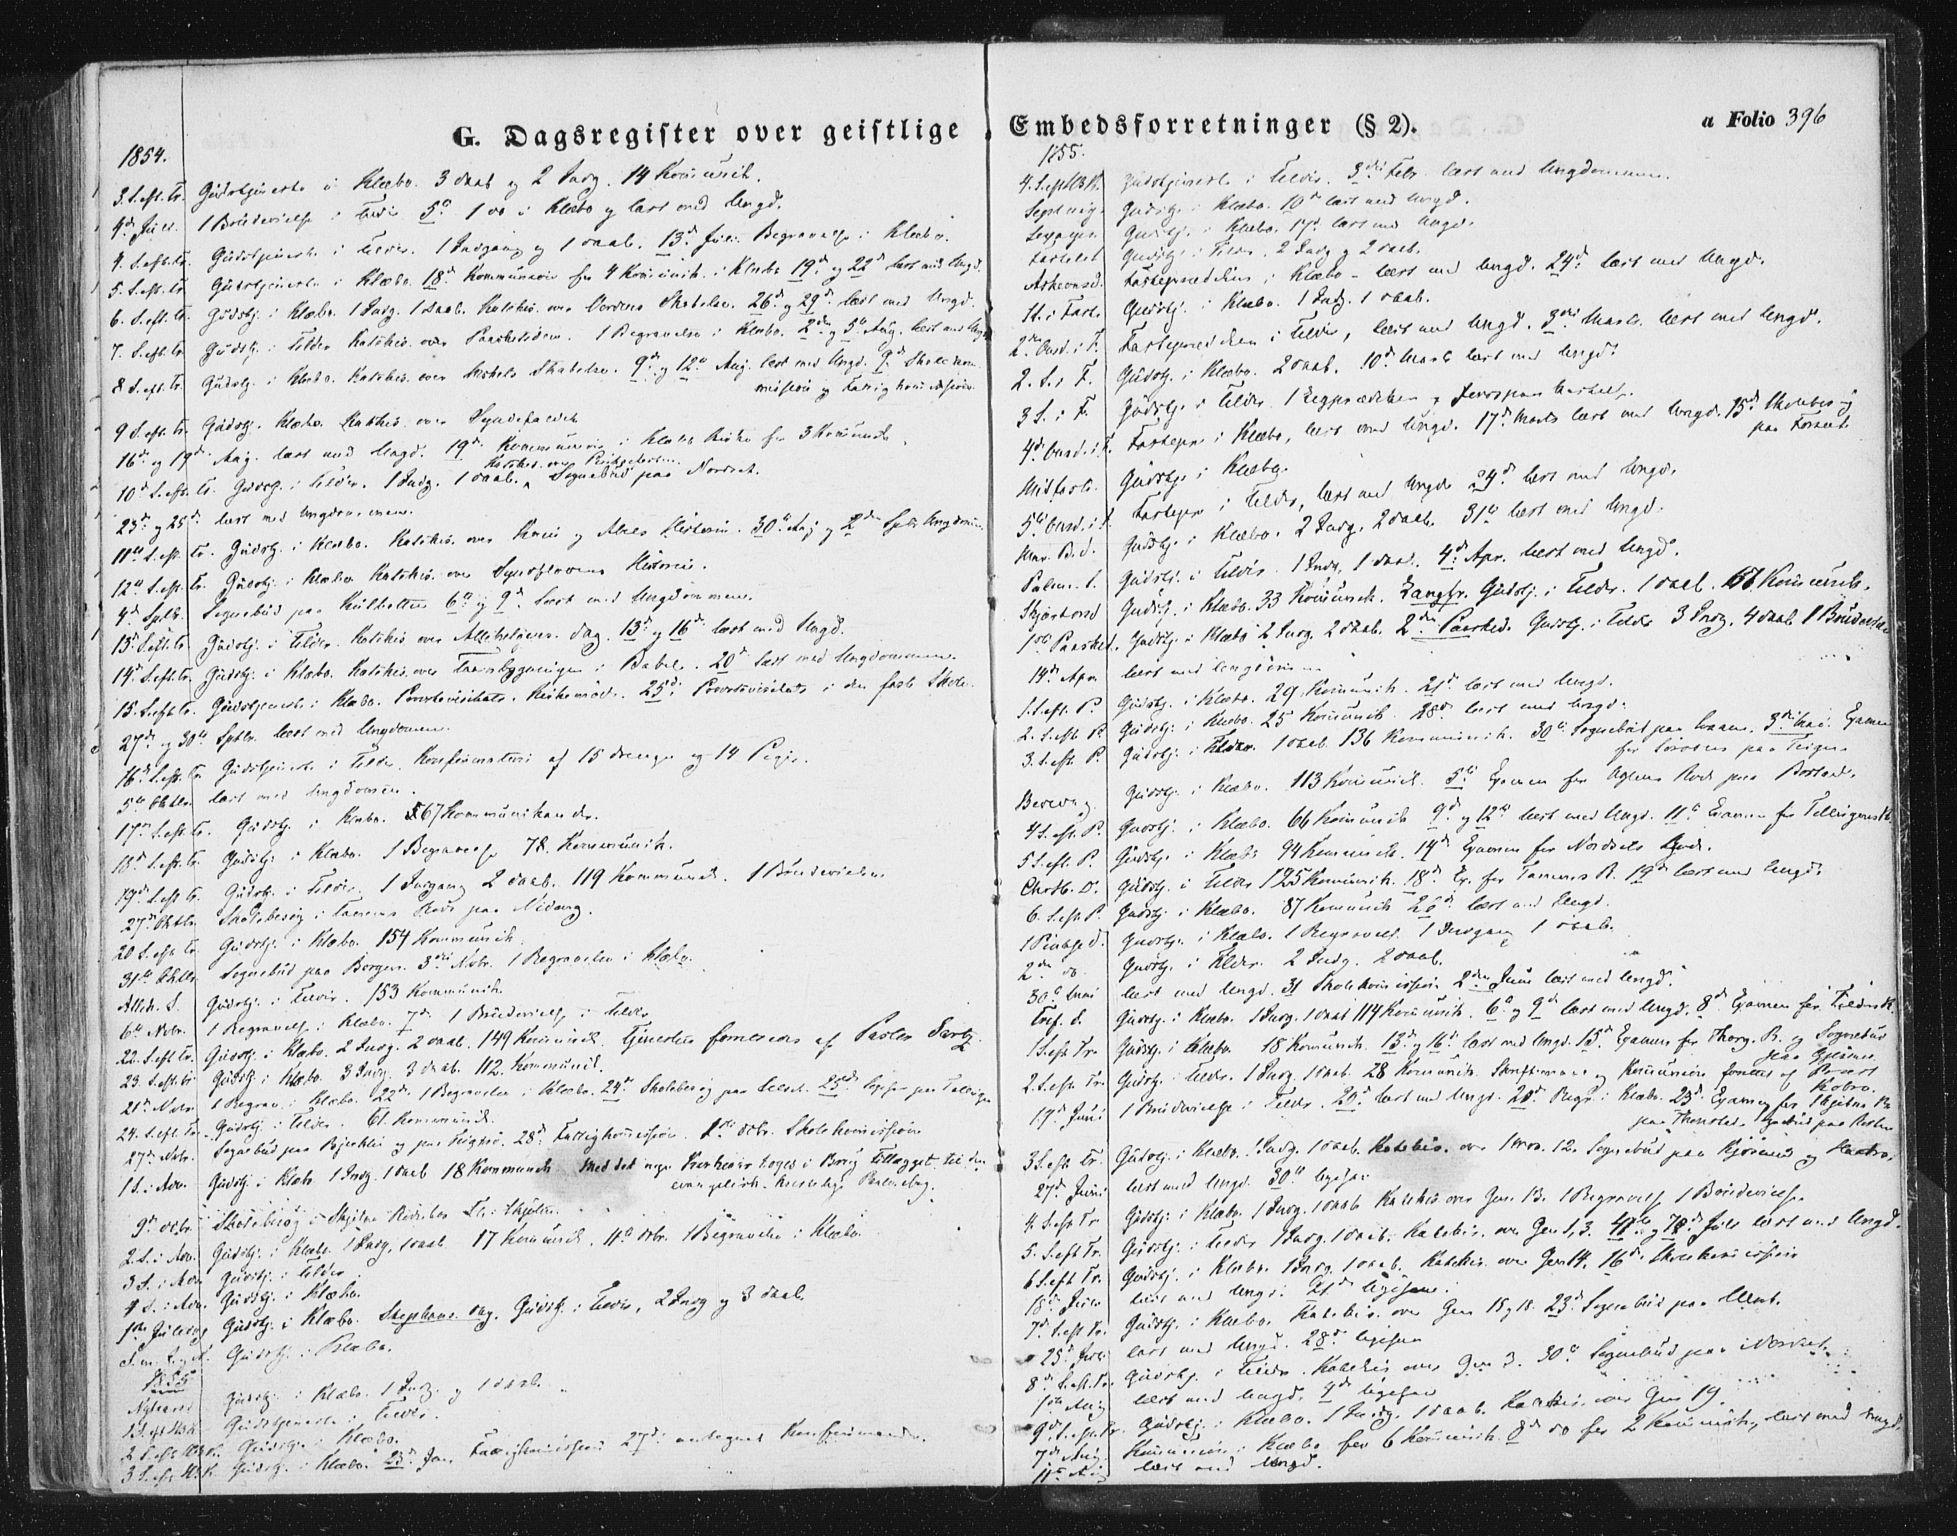 SAT, Ministerialprotokoller, klokkerbøker og fødselsregistre - Sør-Trøndelag, 618/L0441: Ministerialbok nr. 618A05, 1843-1862, s. 396